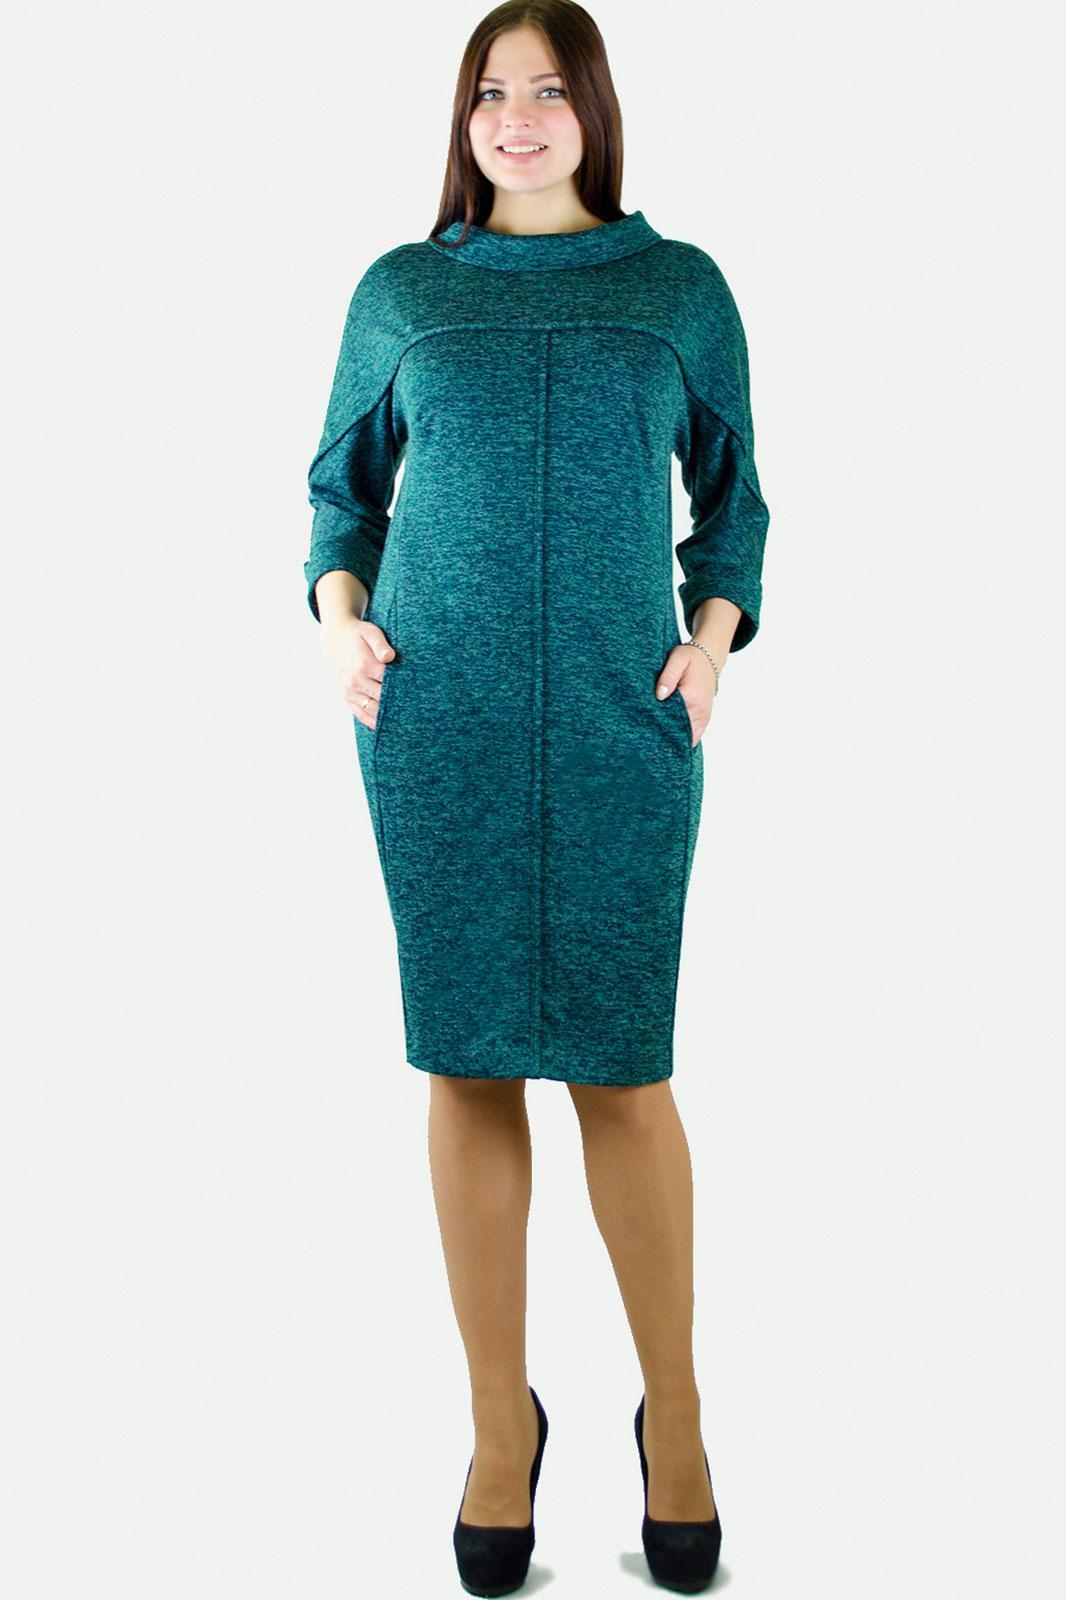 Женская одежда швейная традиция